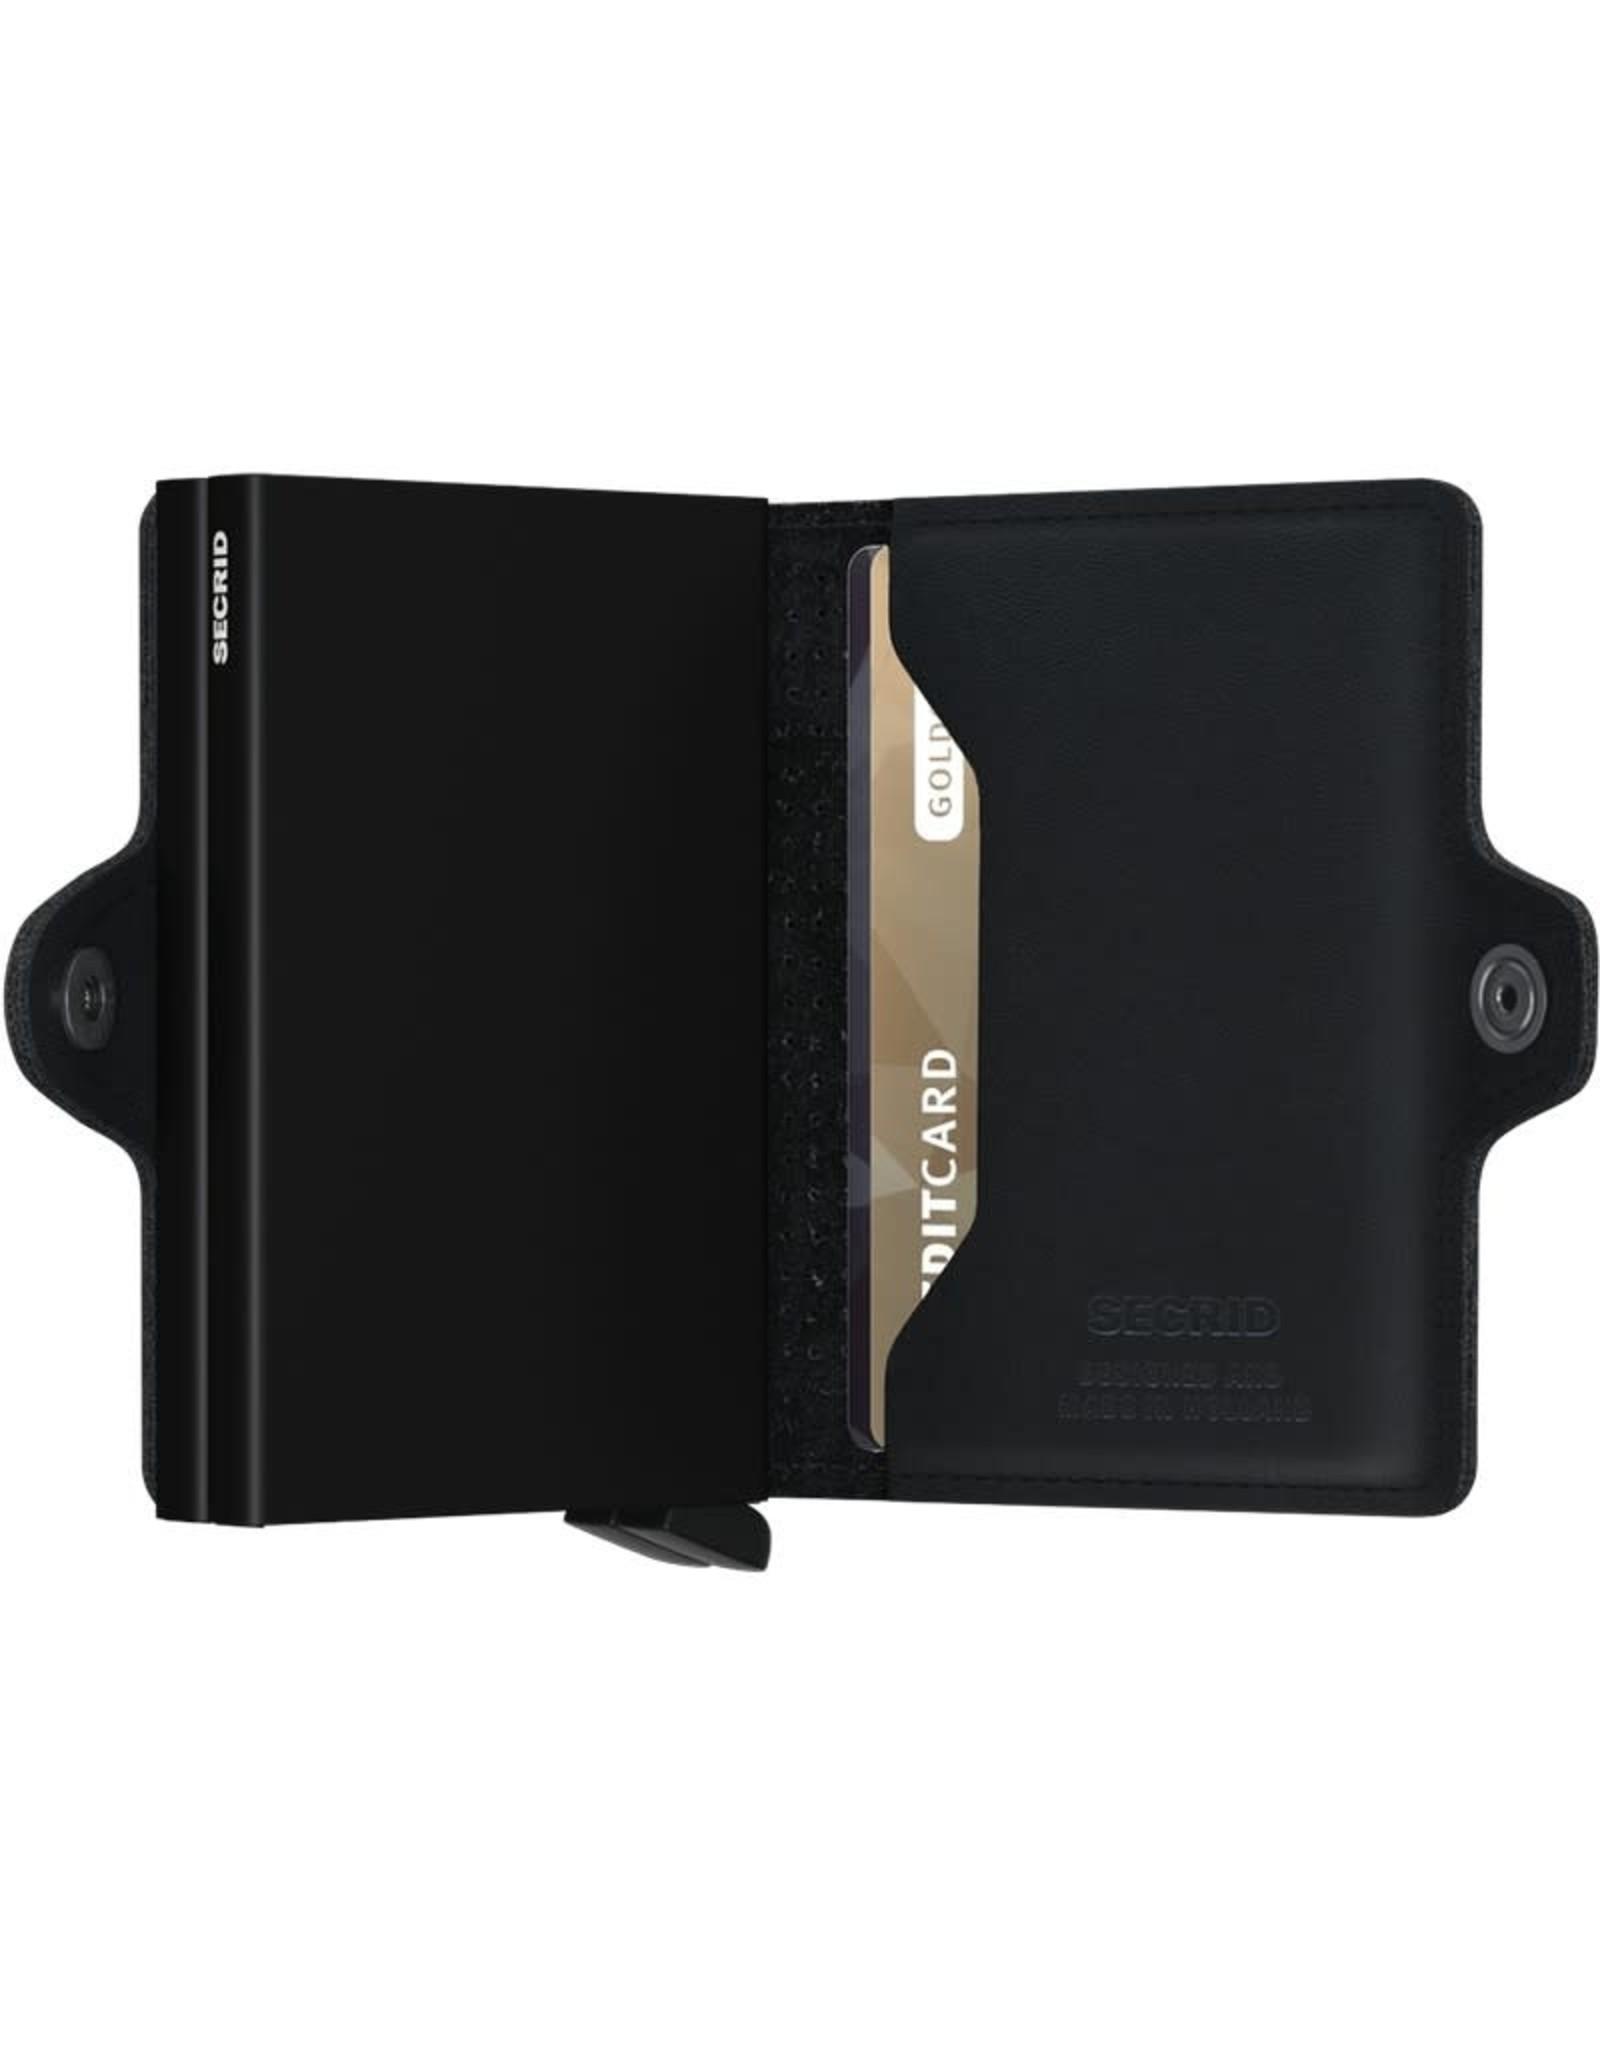 Secrid Wallets Secrid Twin Wallet  Black